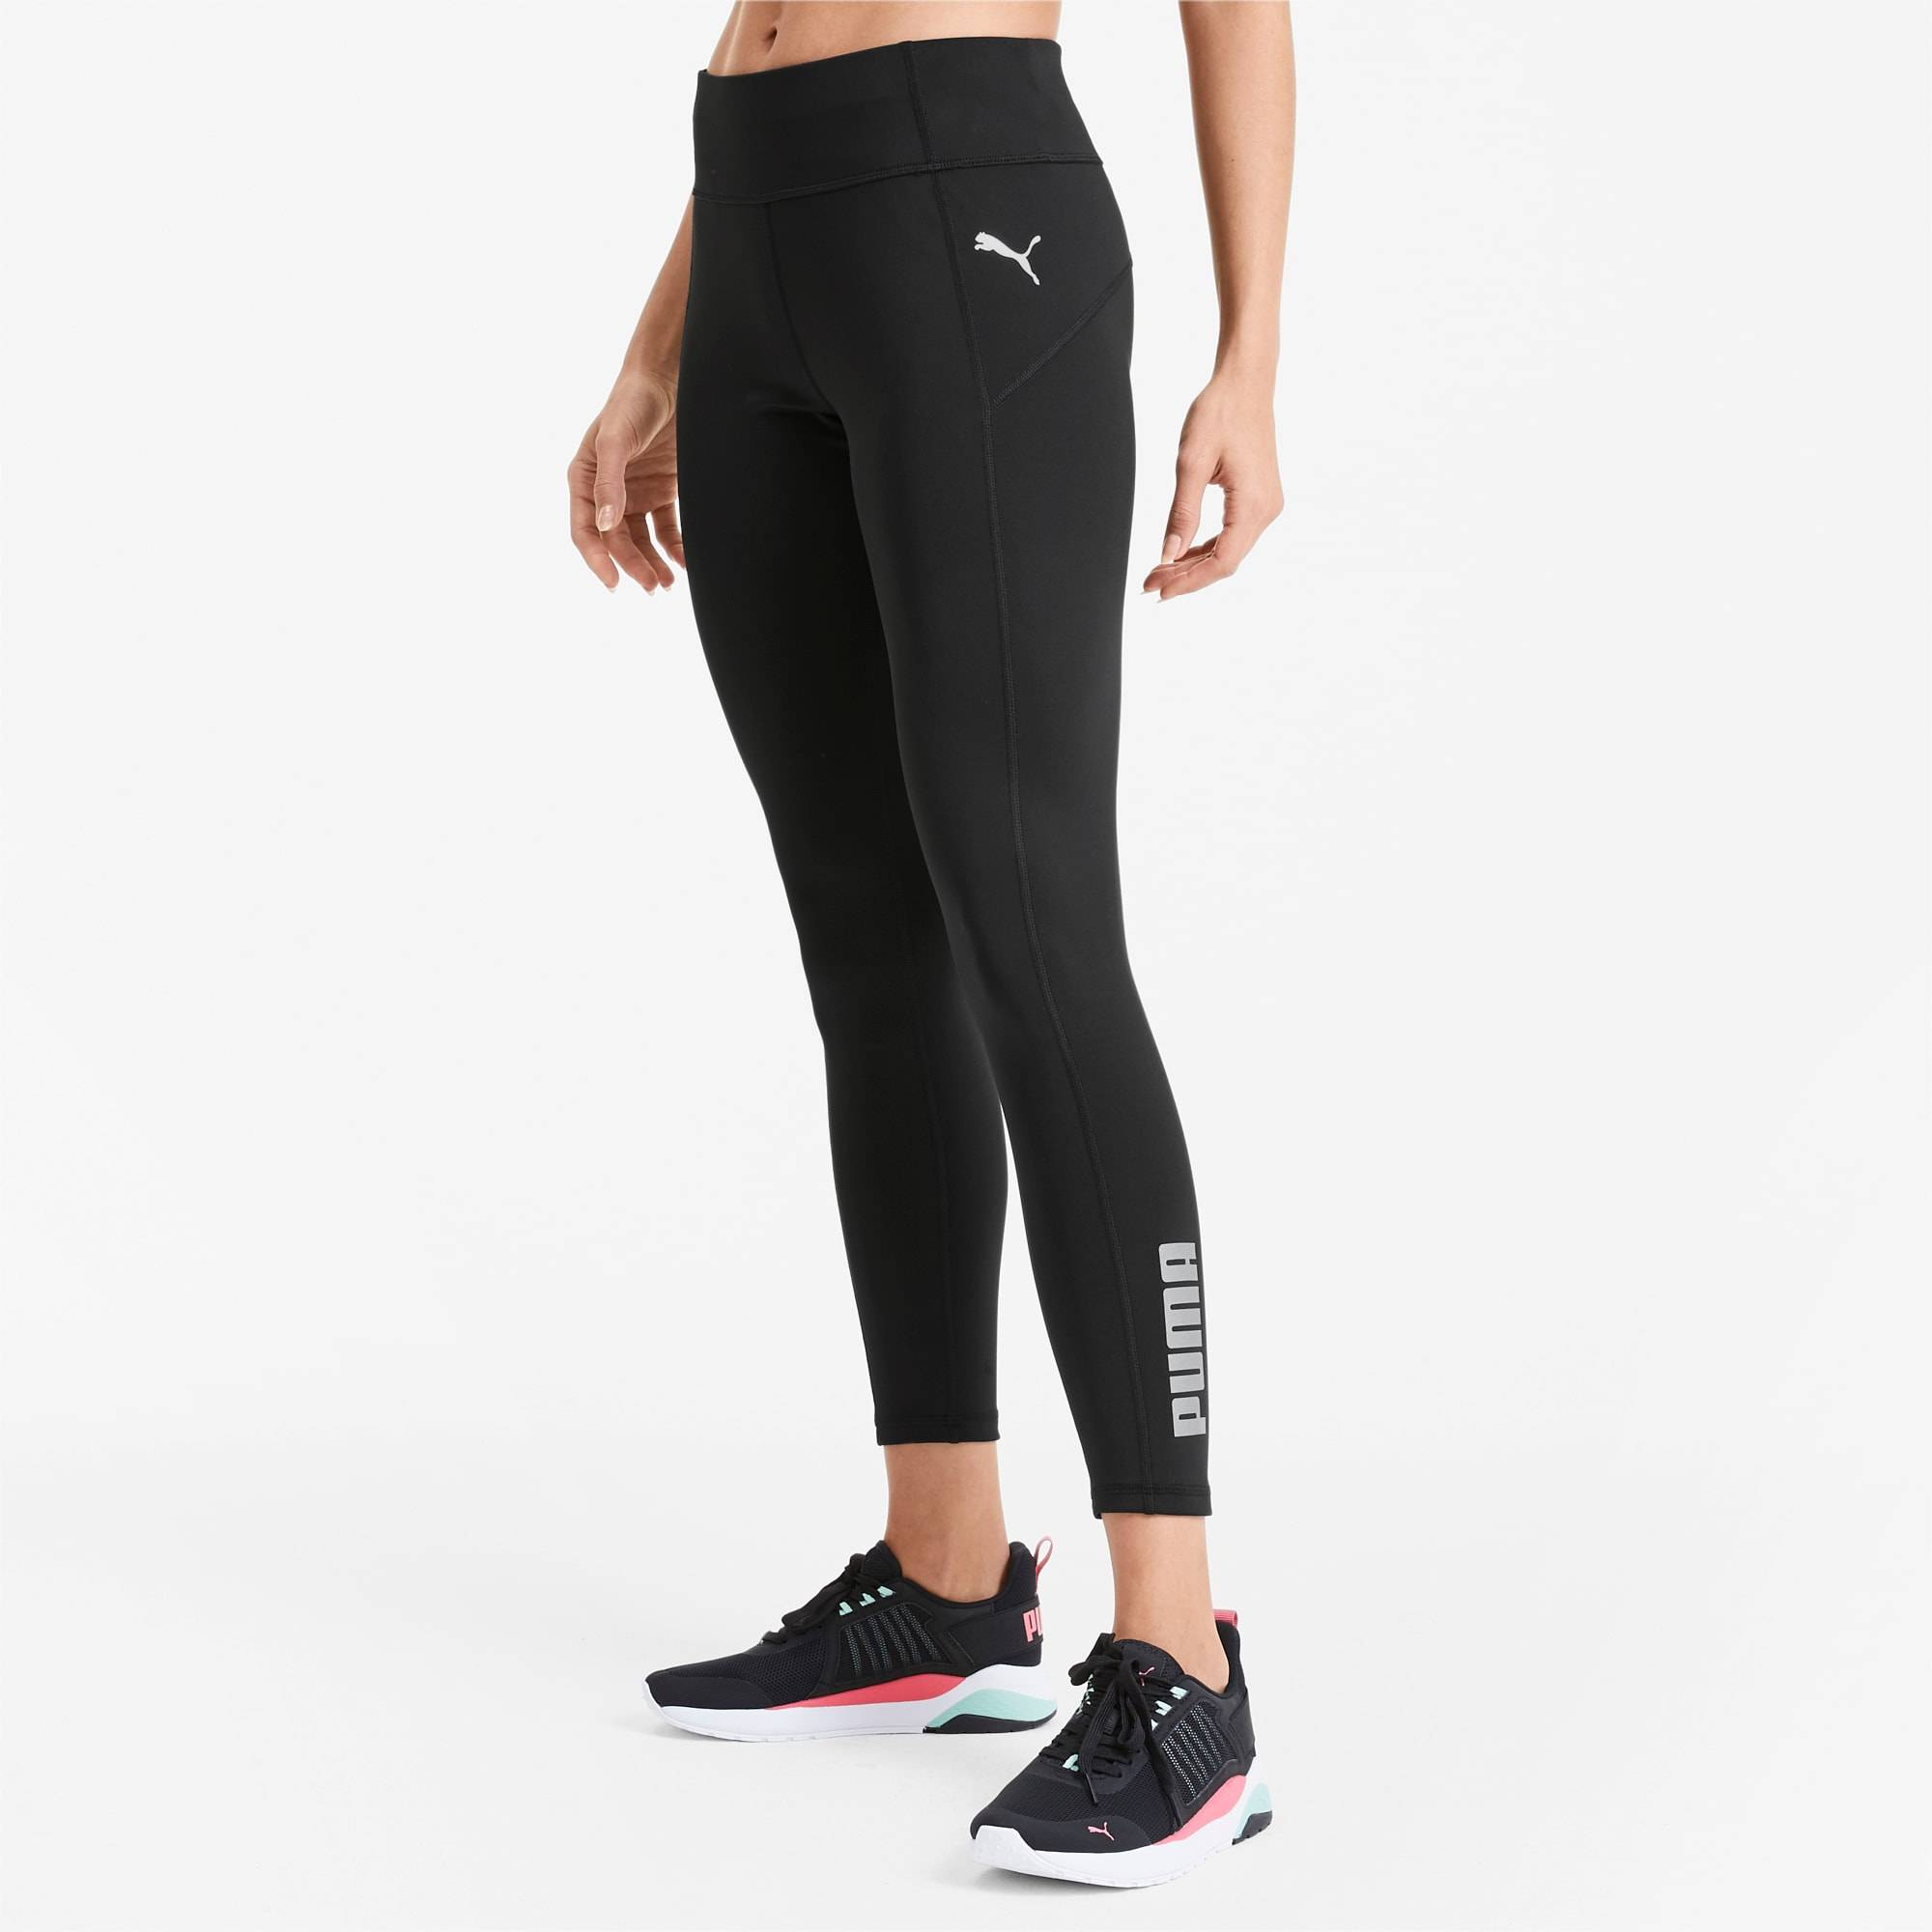 PUMA Collant Polyester Training pour Femme, Noir, Taille XL, Vêtements